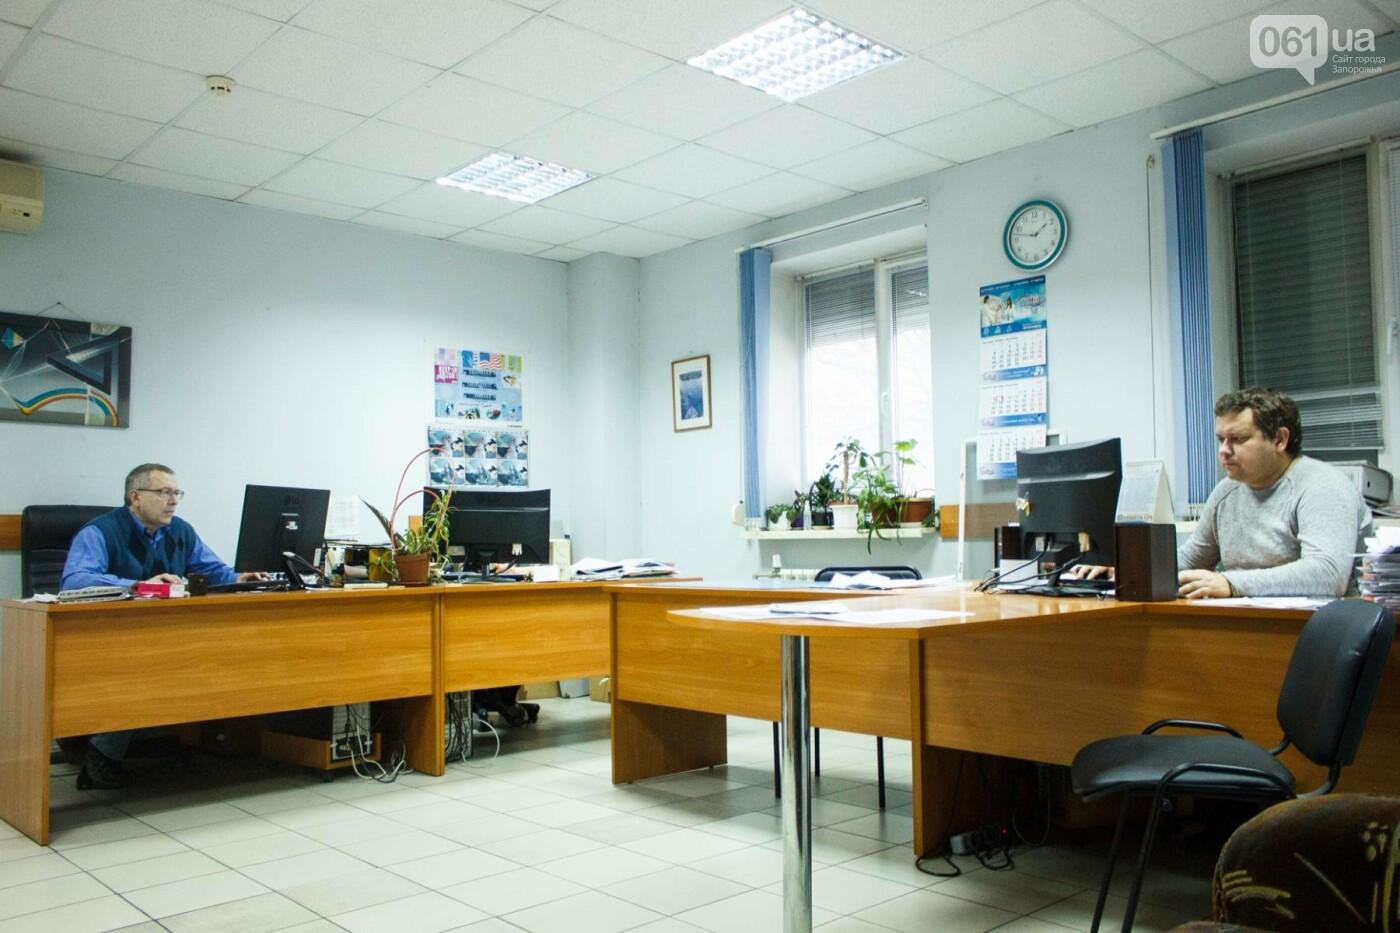 Как в Запорожье печатают газеты: экскурсия в типографию, - ФОТО, ВИДЕО, фото-6